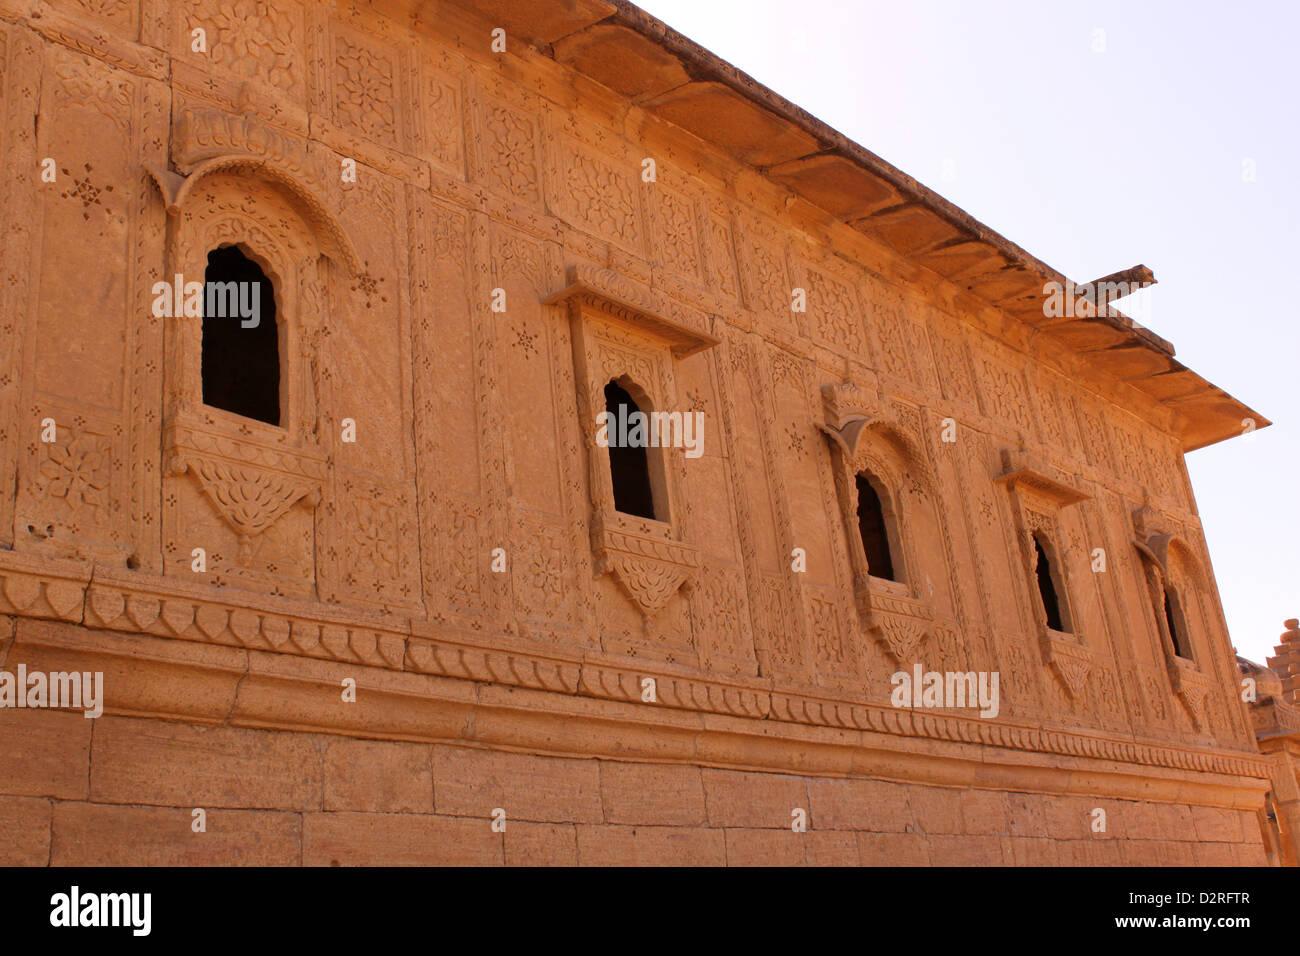 Royal temple at Bada Bagh Jaisalmer Rajasthan India - Stock Image